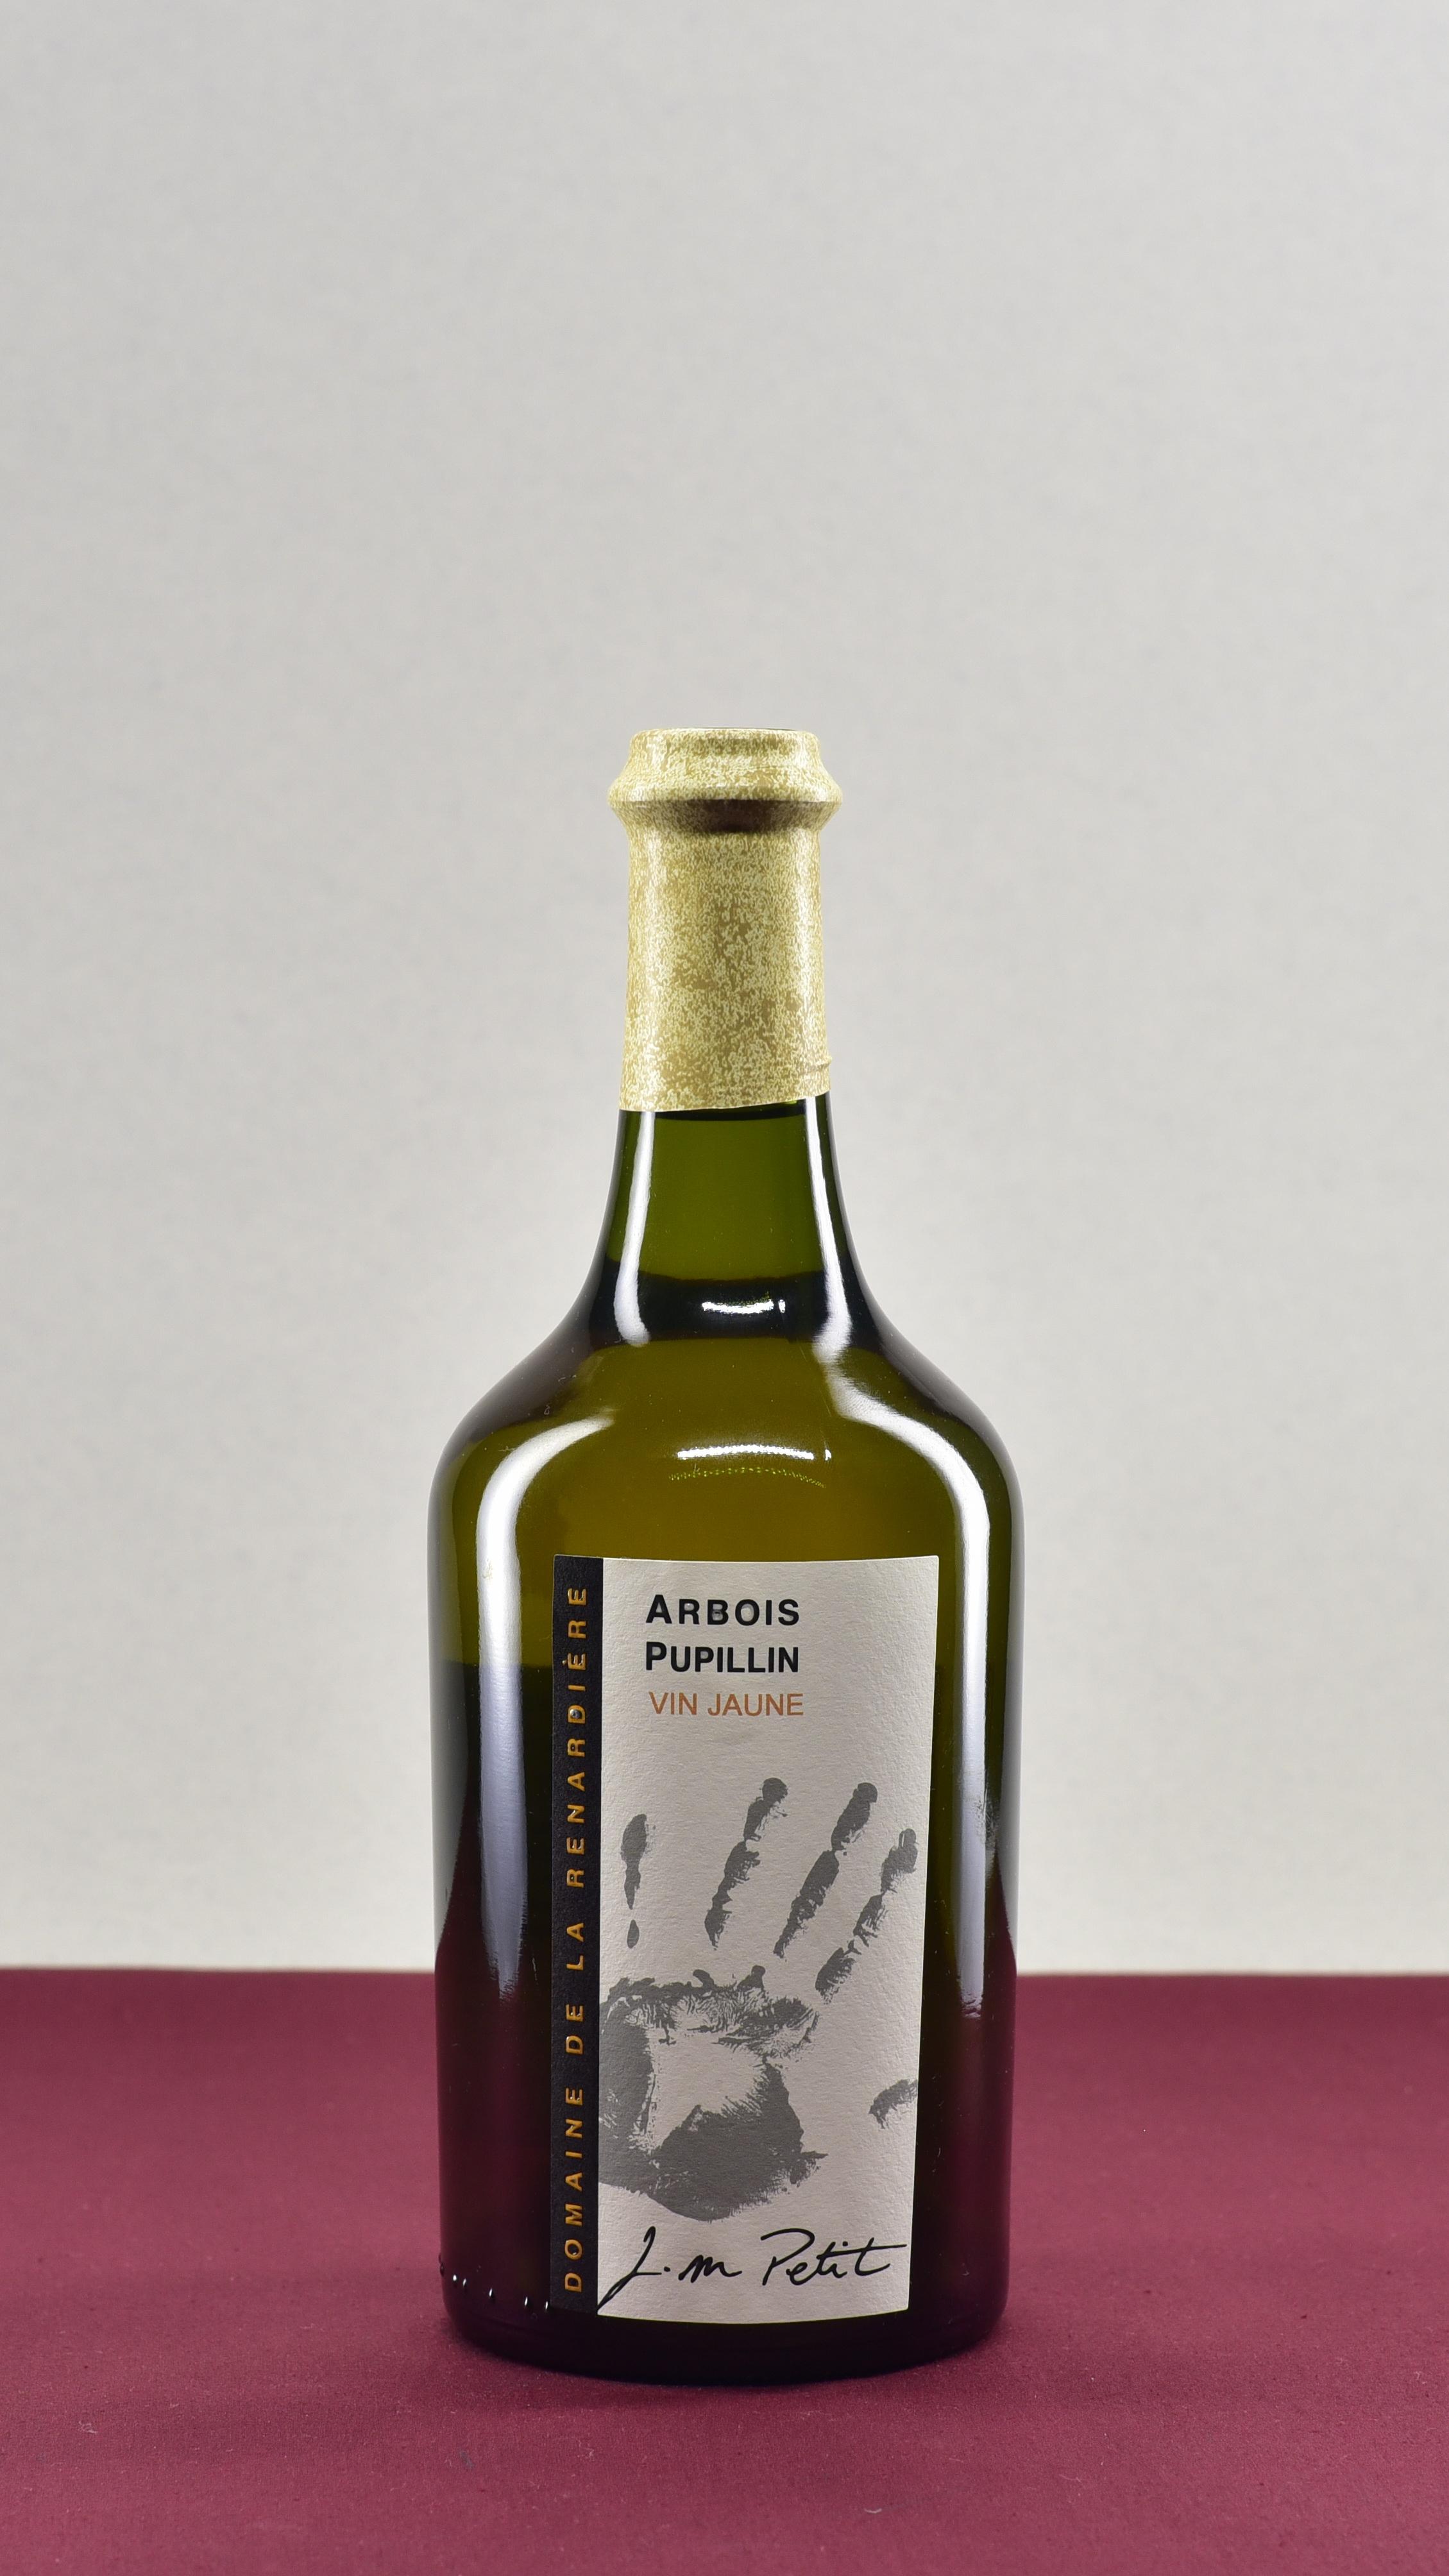 Vin Jaune - Domaine de la Renardière | Jean Michel PetitSavagninAOP Arbois Pupillin | 2010